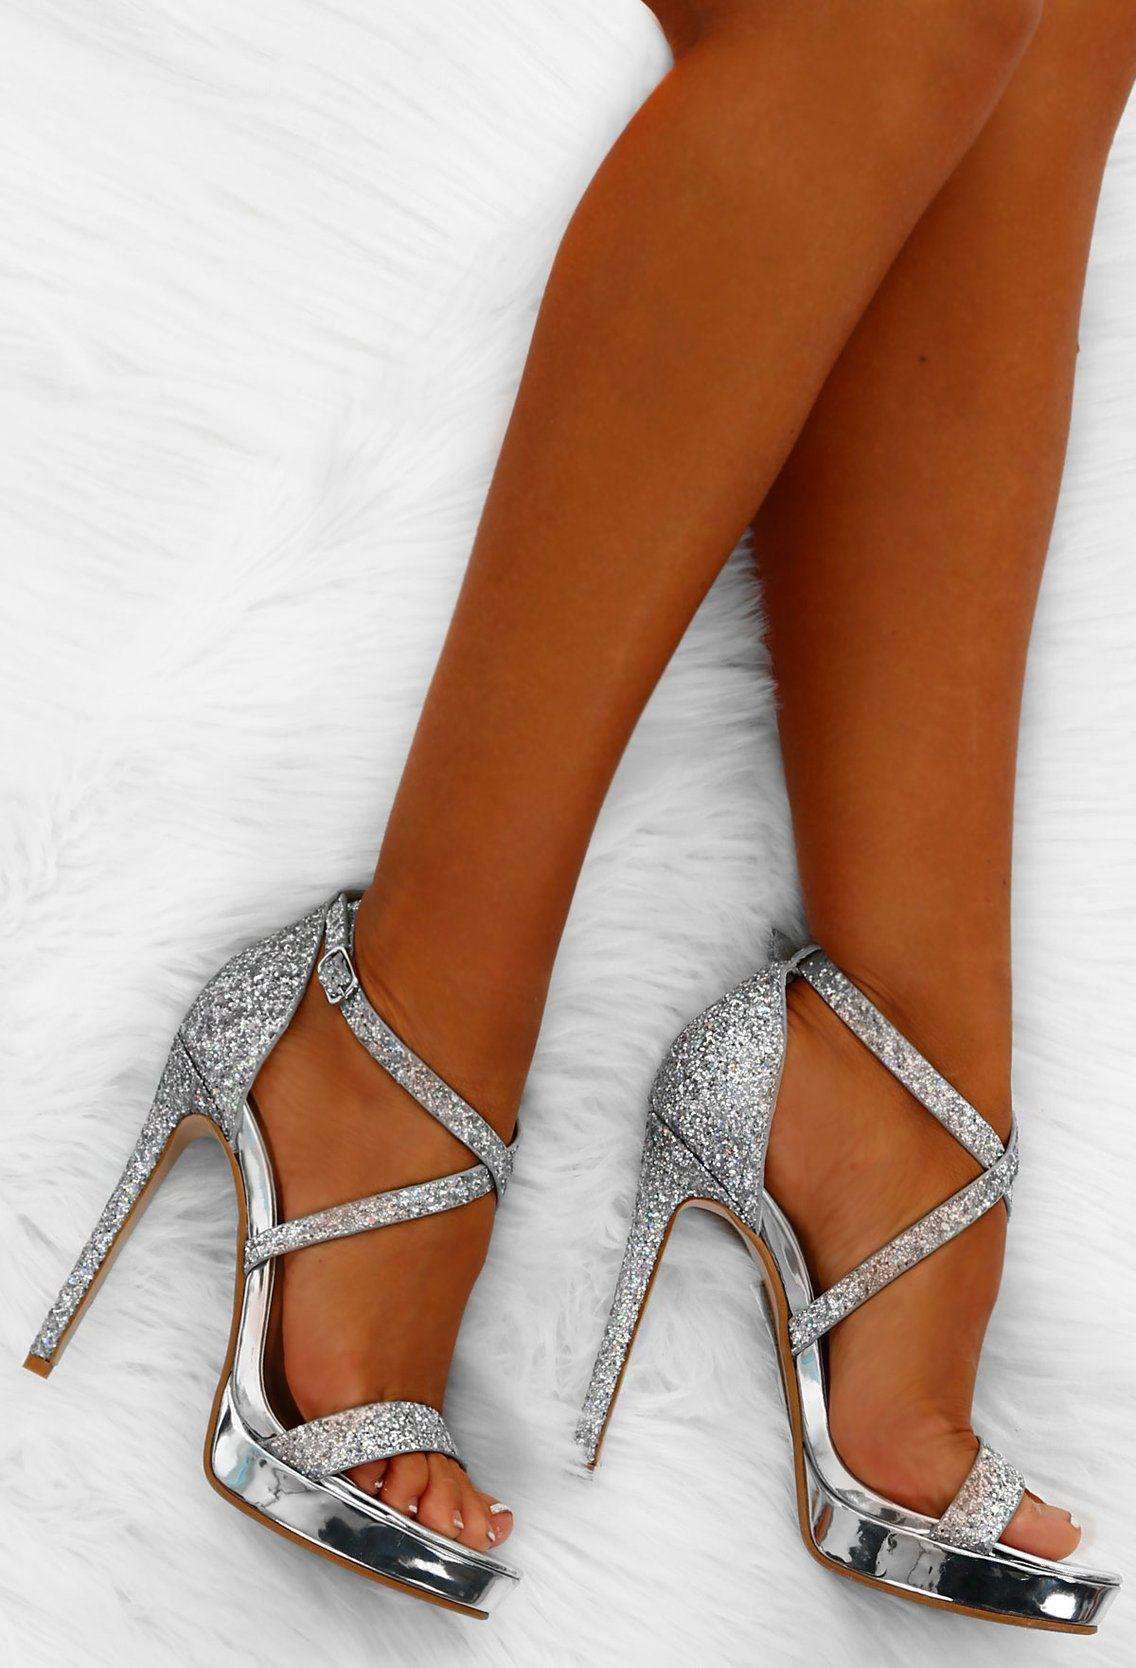 12+ Wedding block heels uk ideas in 2021